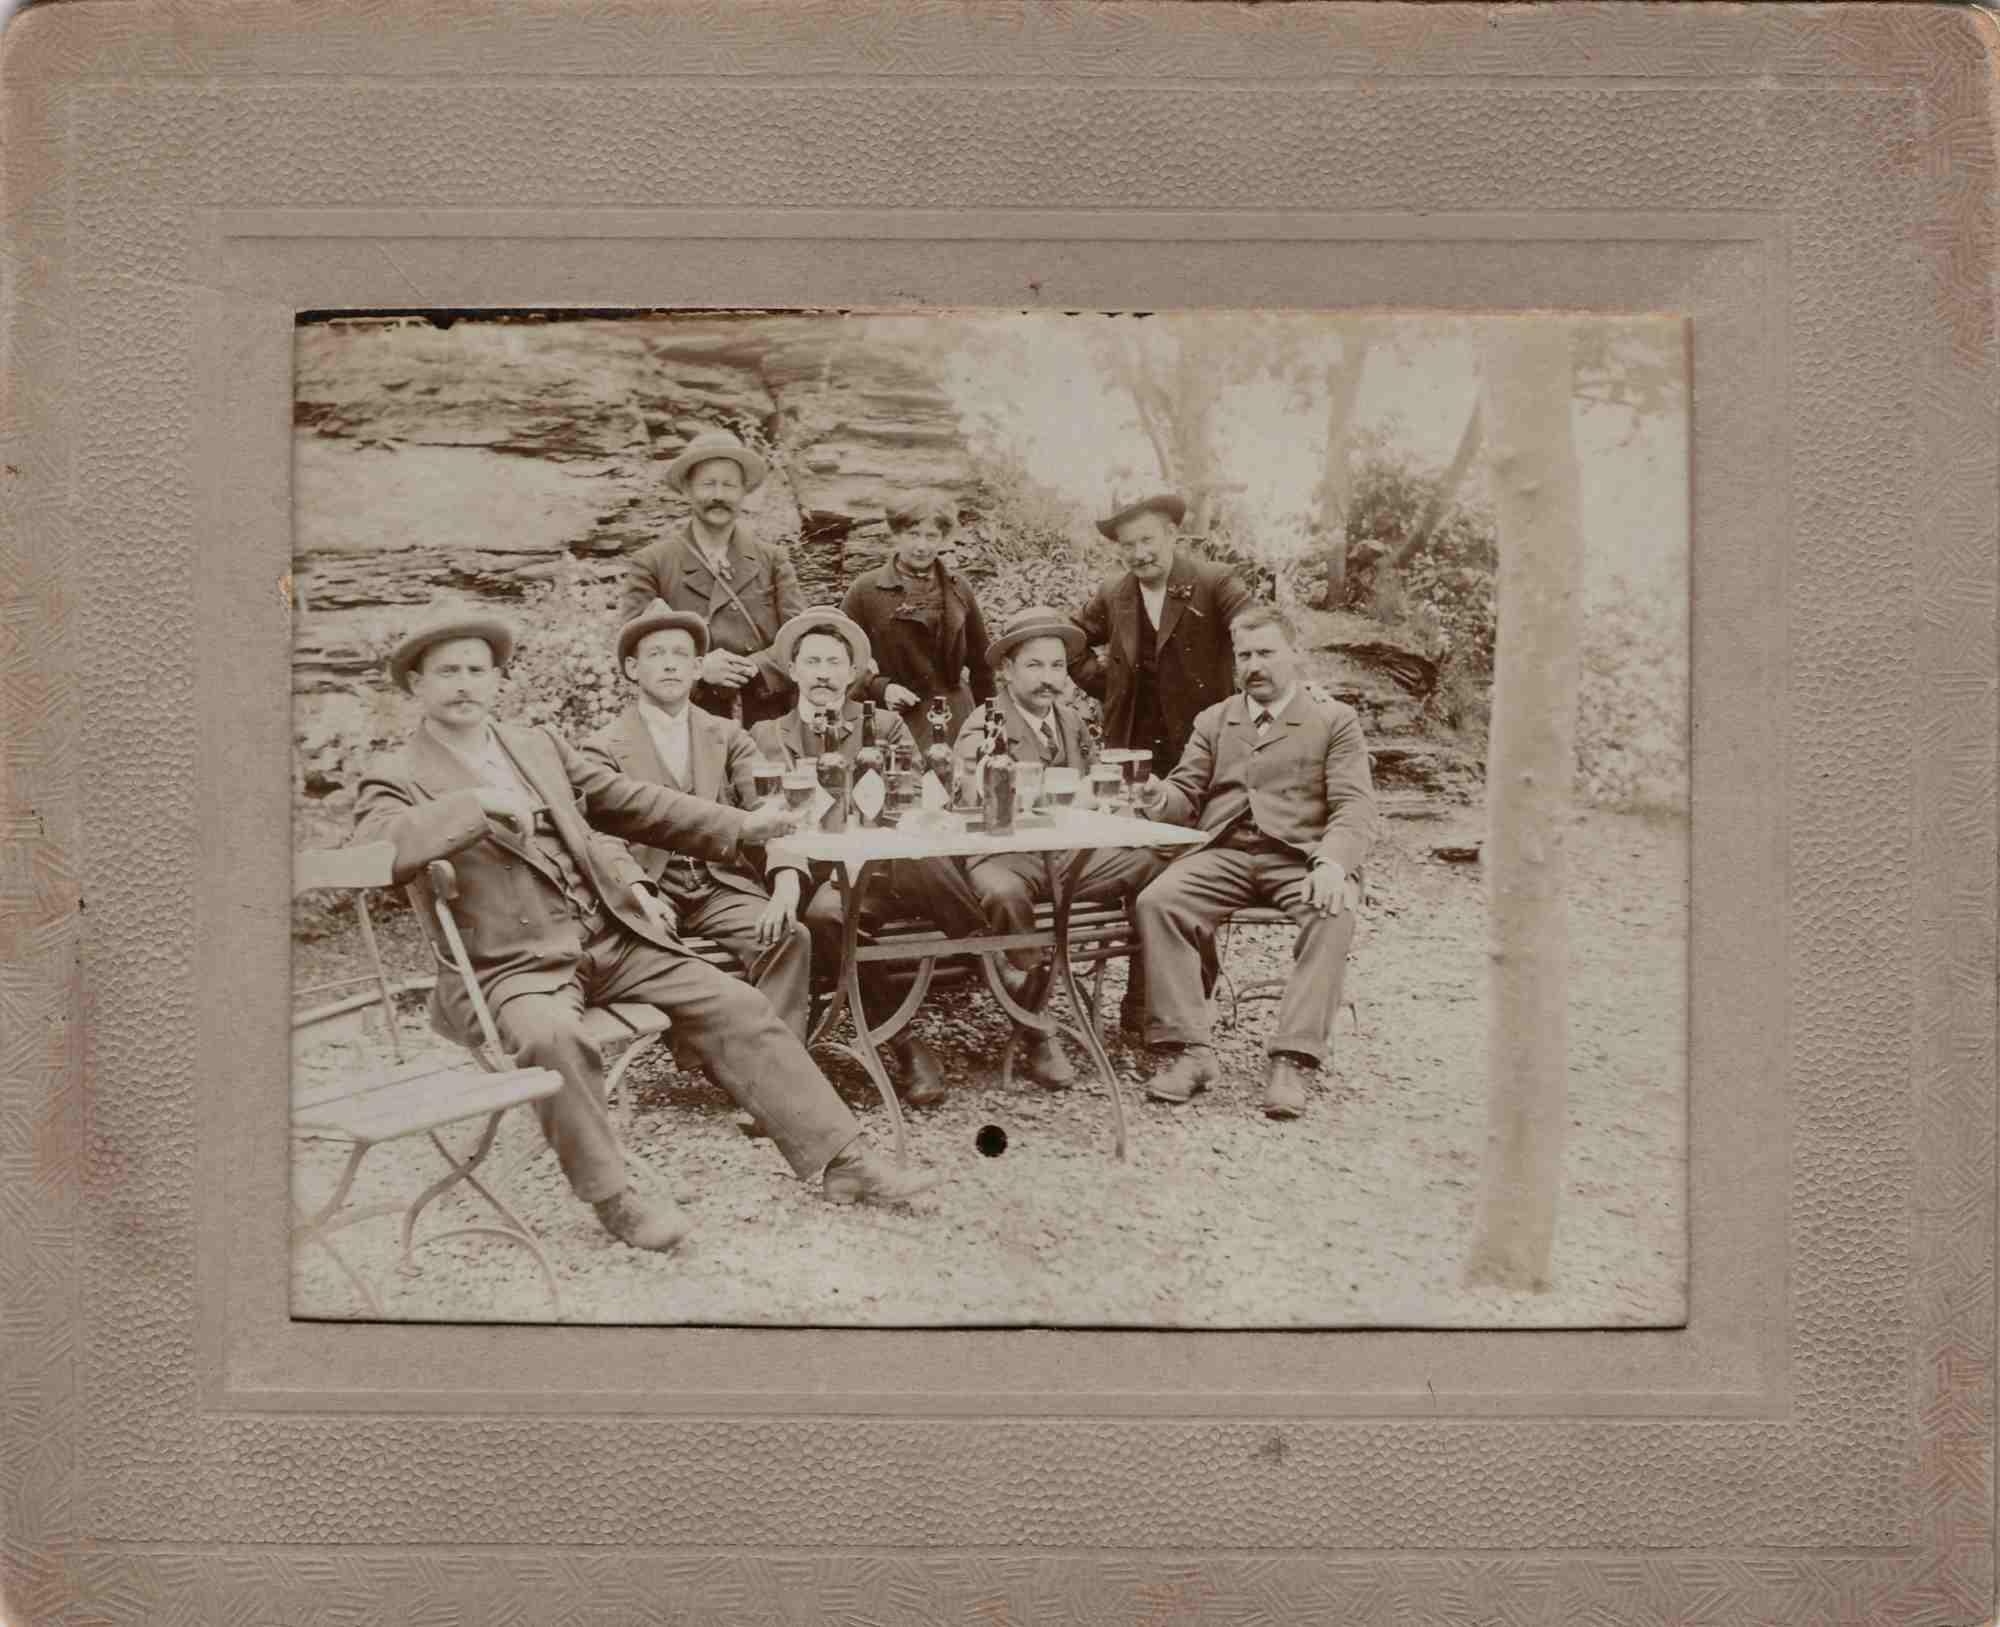 Bild: unbekannte Personengruppe beim Bier trinken